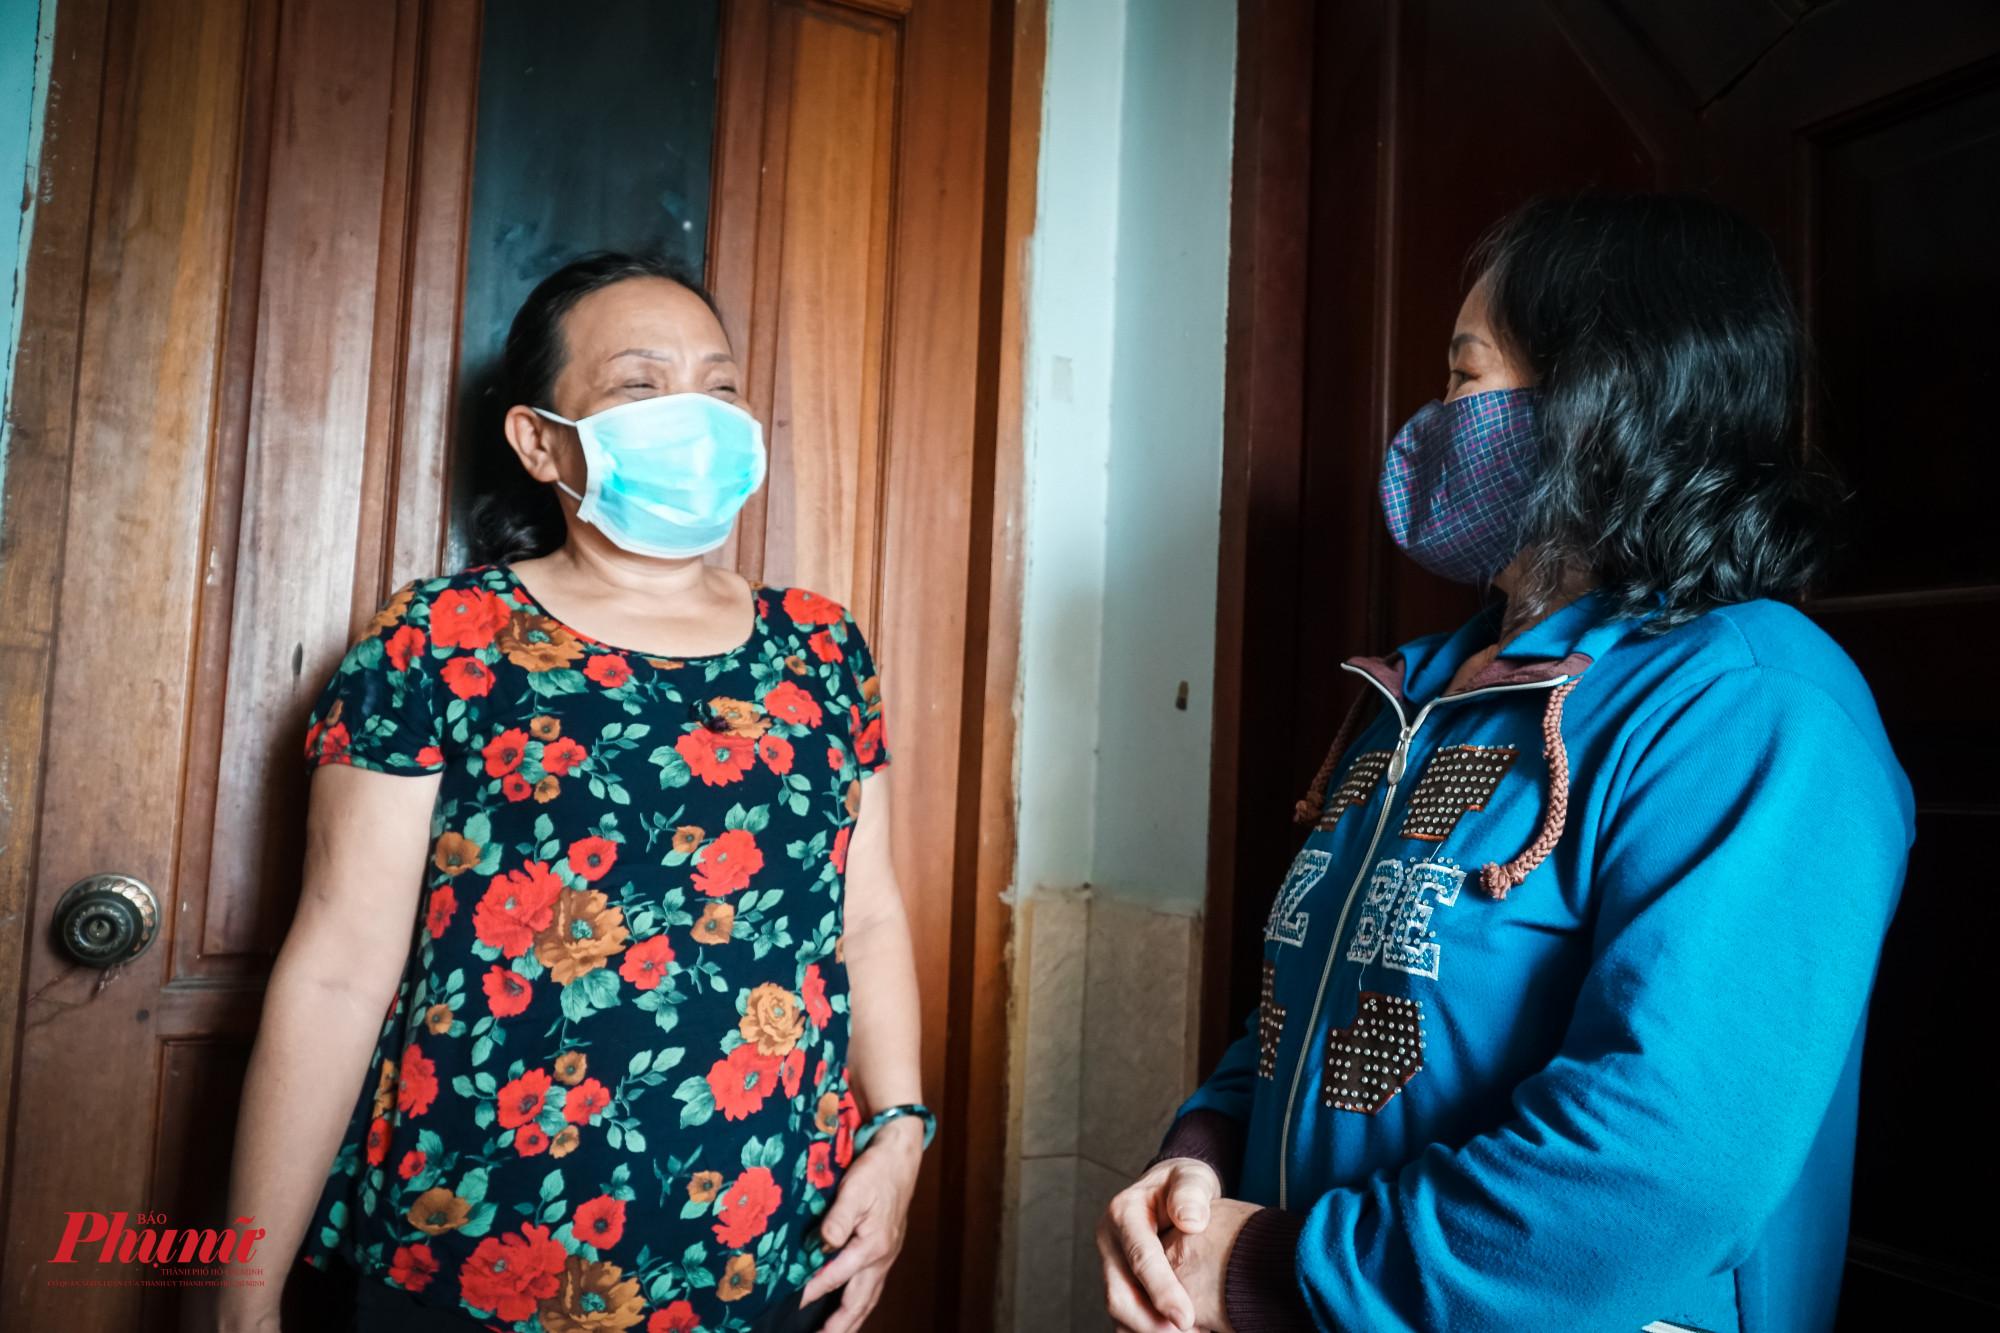 Chị Vân - chủ nhà trọ - đến từng phòng thăm hỏi, động viên tinh thần các chị em thất nghiệp do dịch bệnh